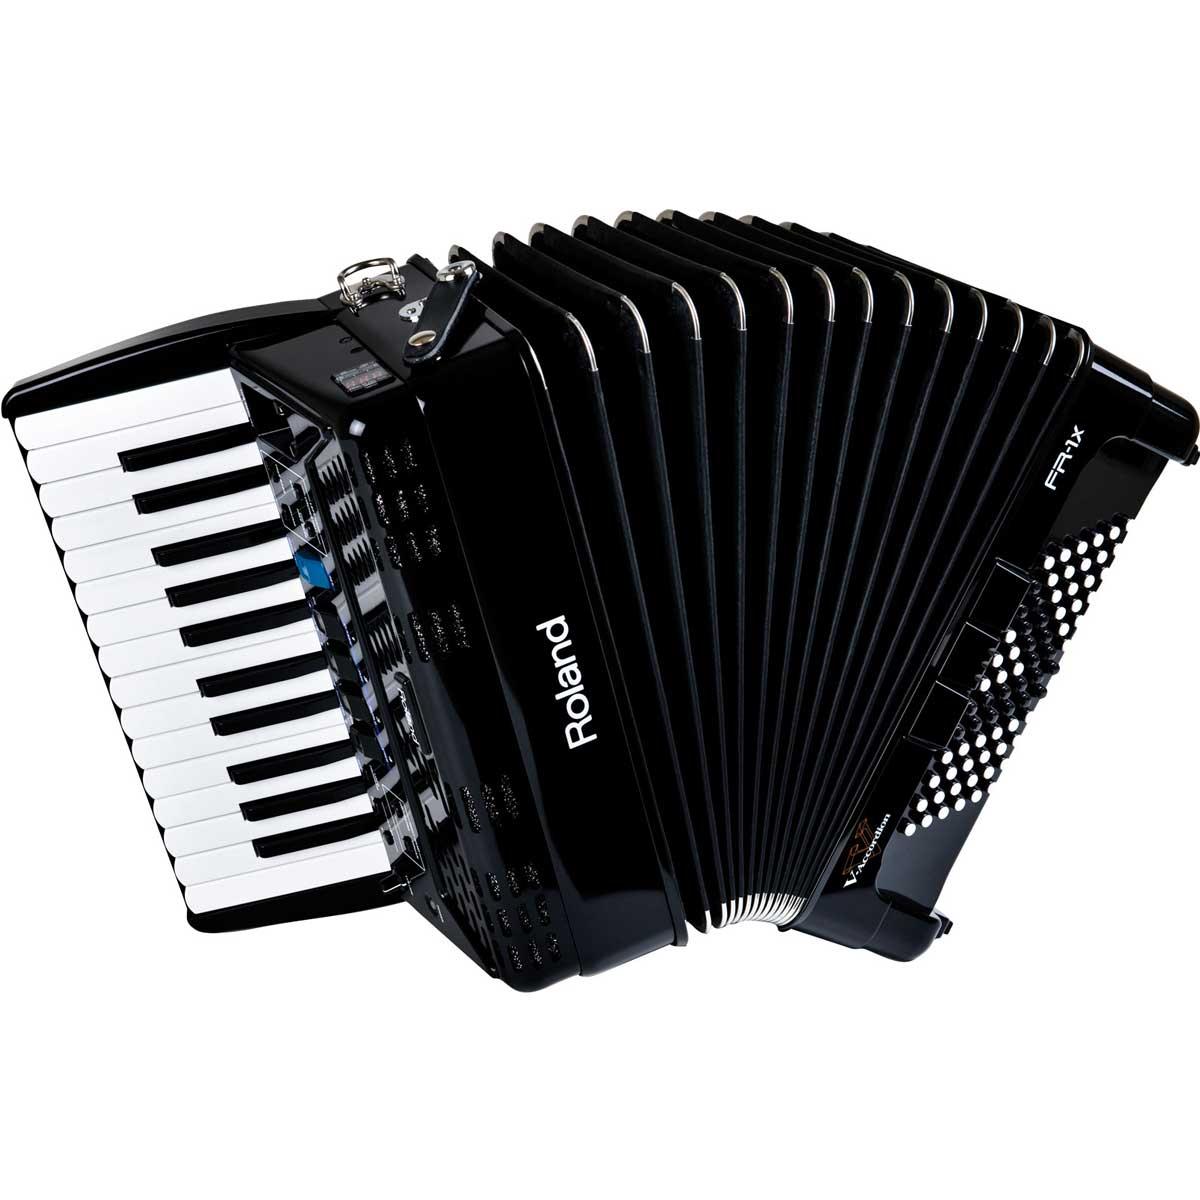 公式サイト Roland ローランド/ ローランド V-Accordion Roland FR-1X BK ブラック Vアコーディオン/ ピアノ鍵盤タイプ【お取り寄せ商品】【YRK】, 喜多方ラーメンの曽我製麺:3833ab3b --- canoncity.azurewebsites.net